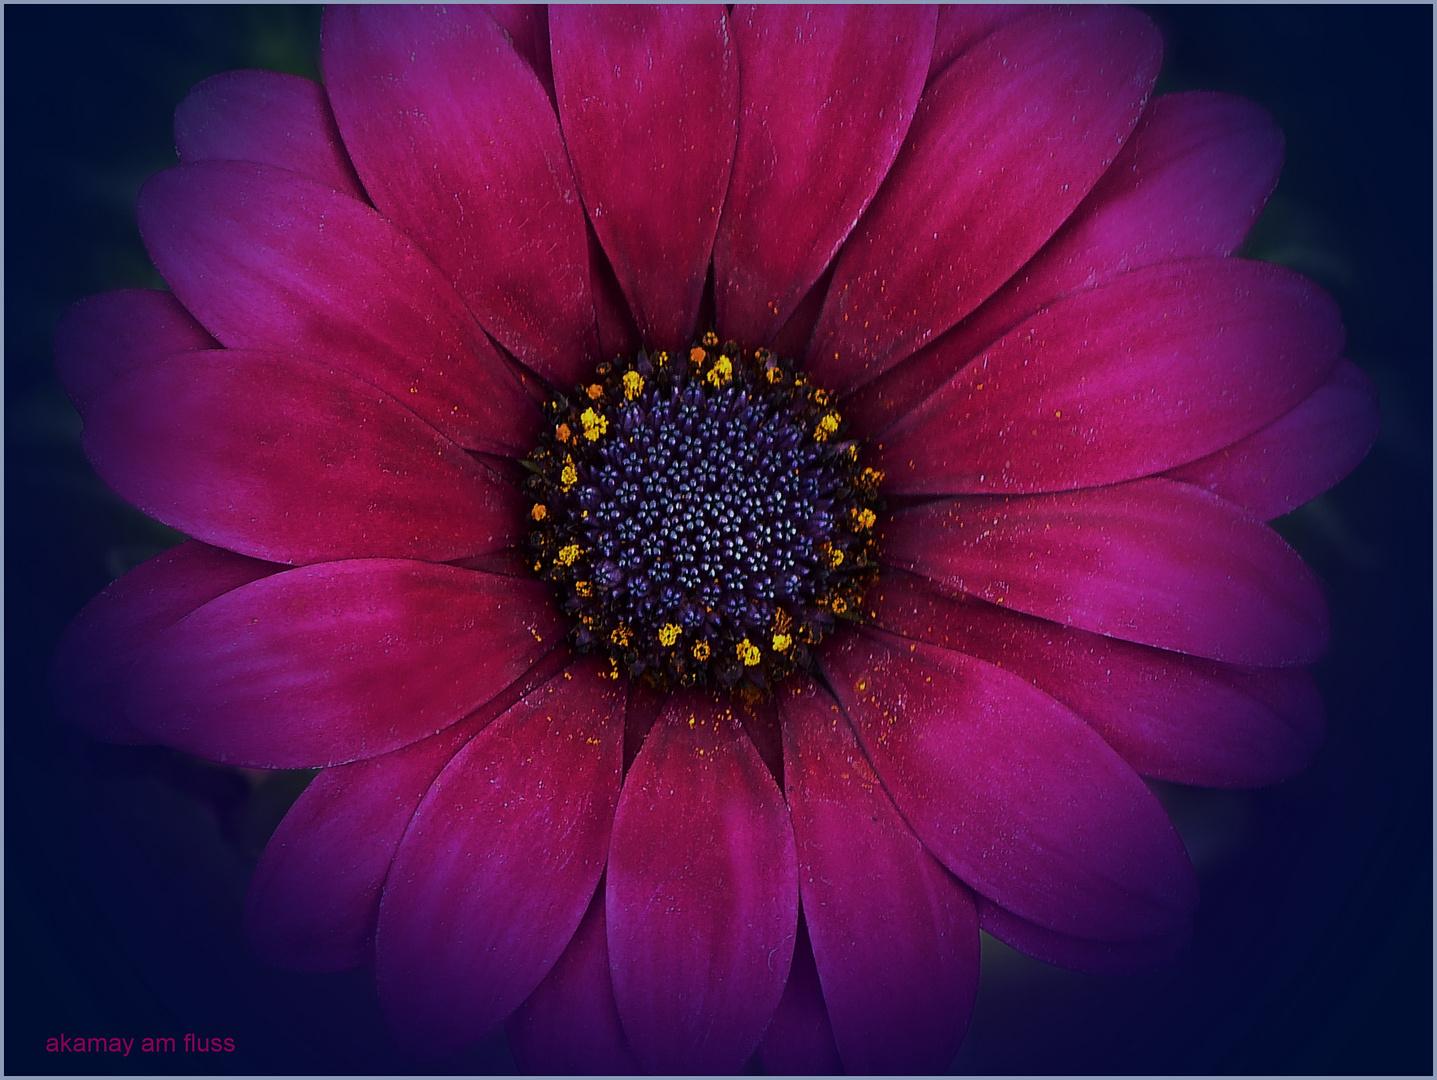 Tausendundeine-Nacht-Blüte - Magerite